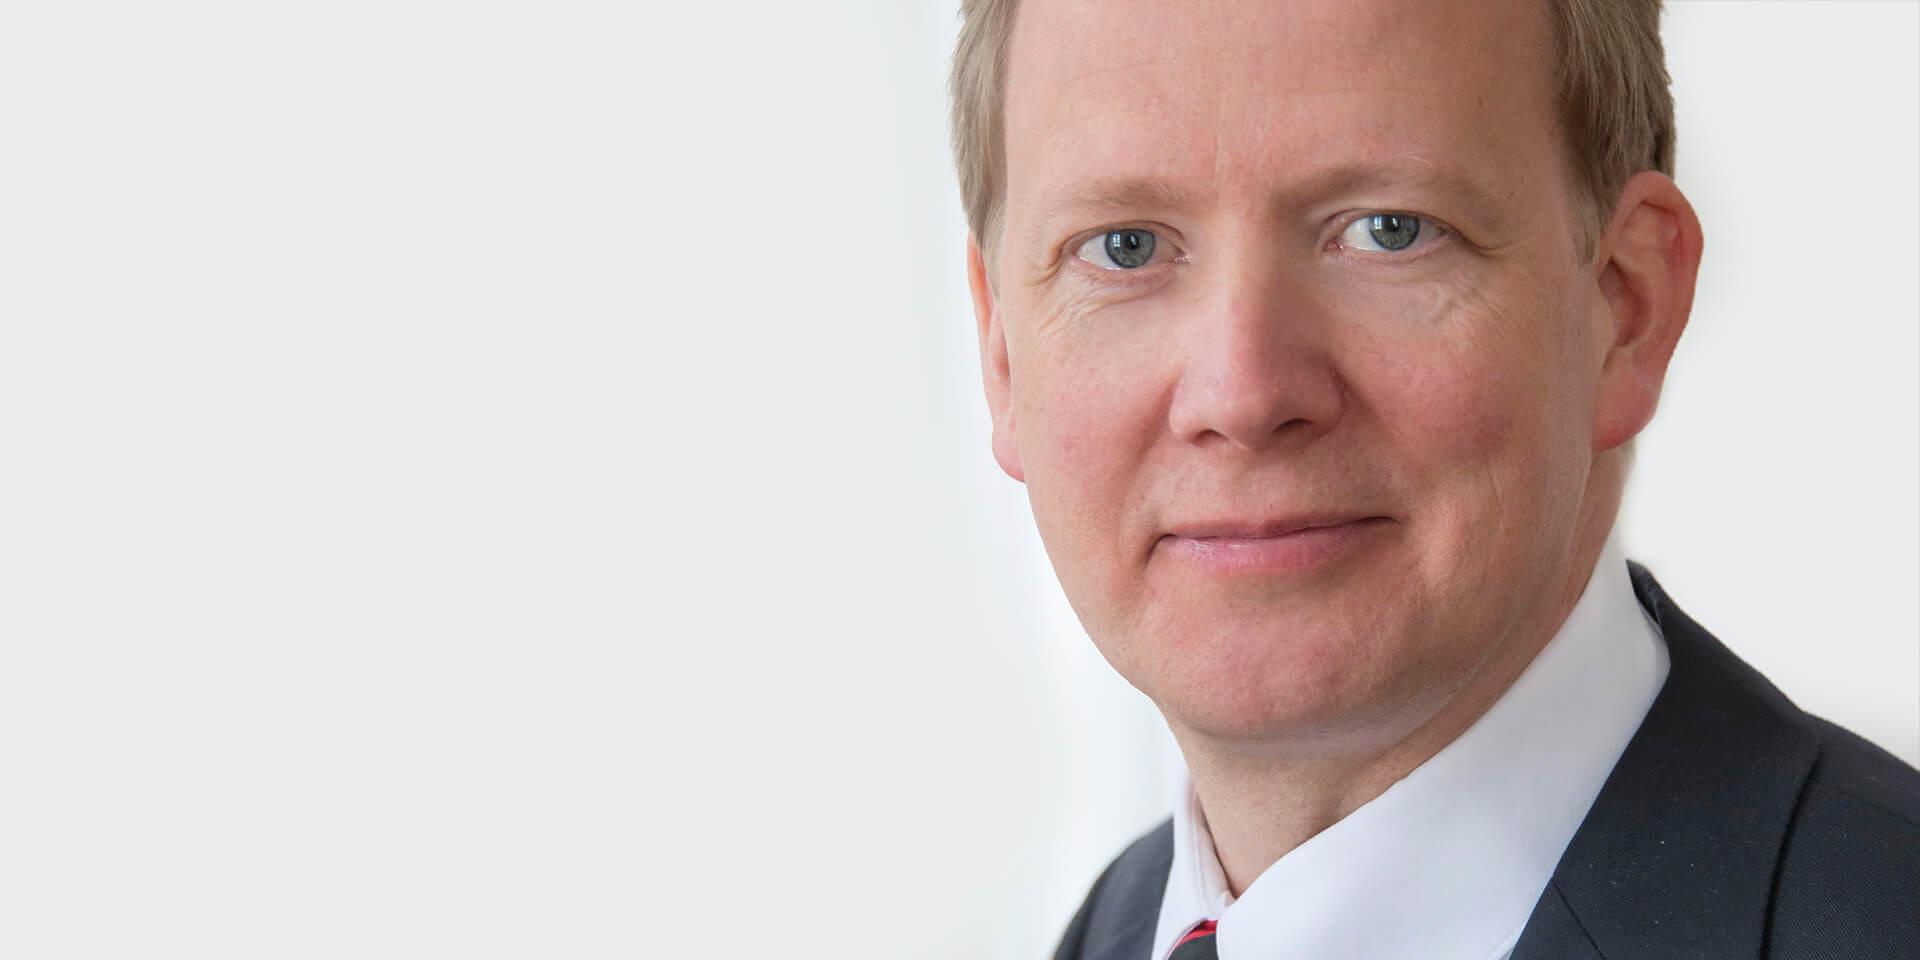 Oberkirchenrat Erich Theodor Barzen, Leiter Abteilung Finanzen, Bild: © ELKB/Rost